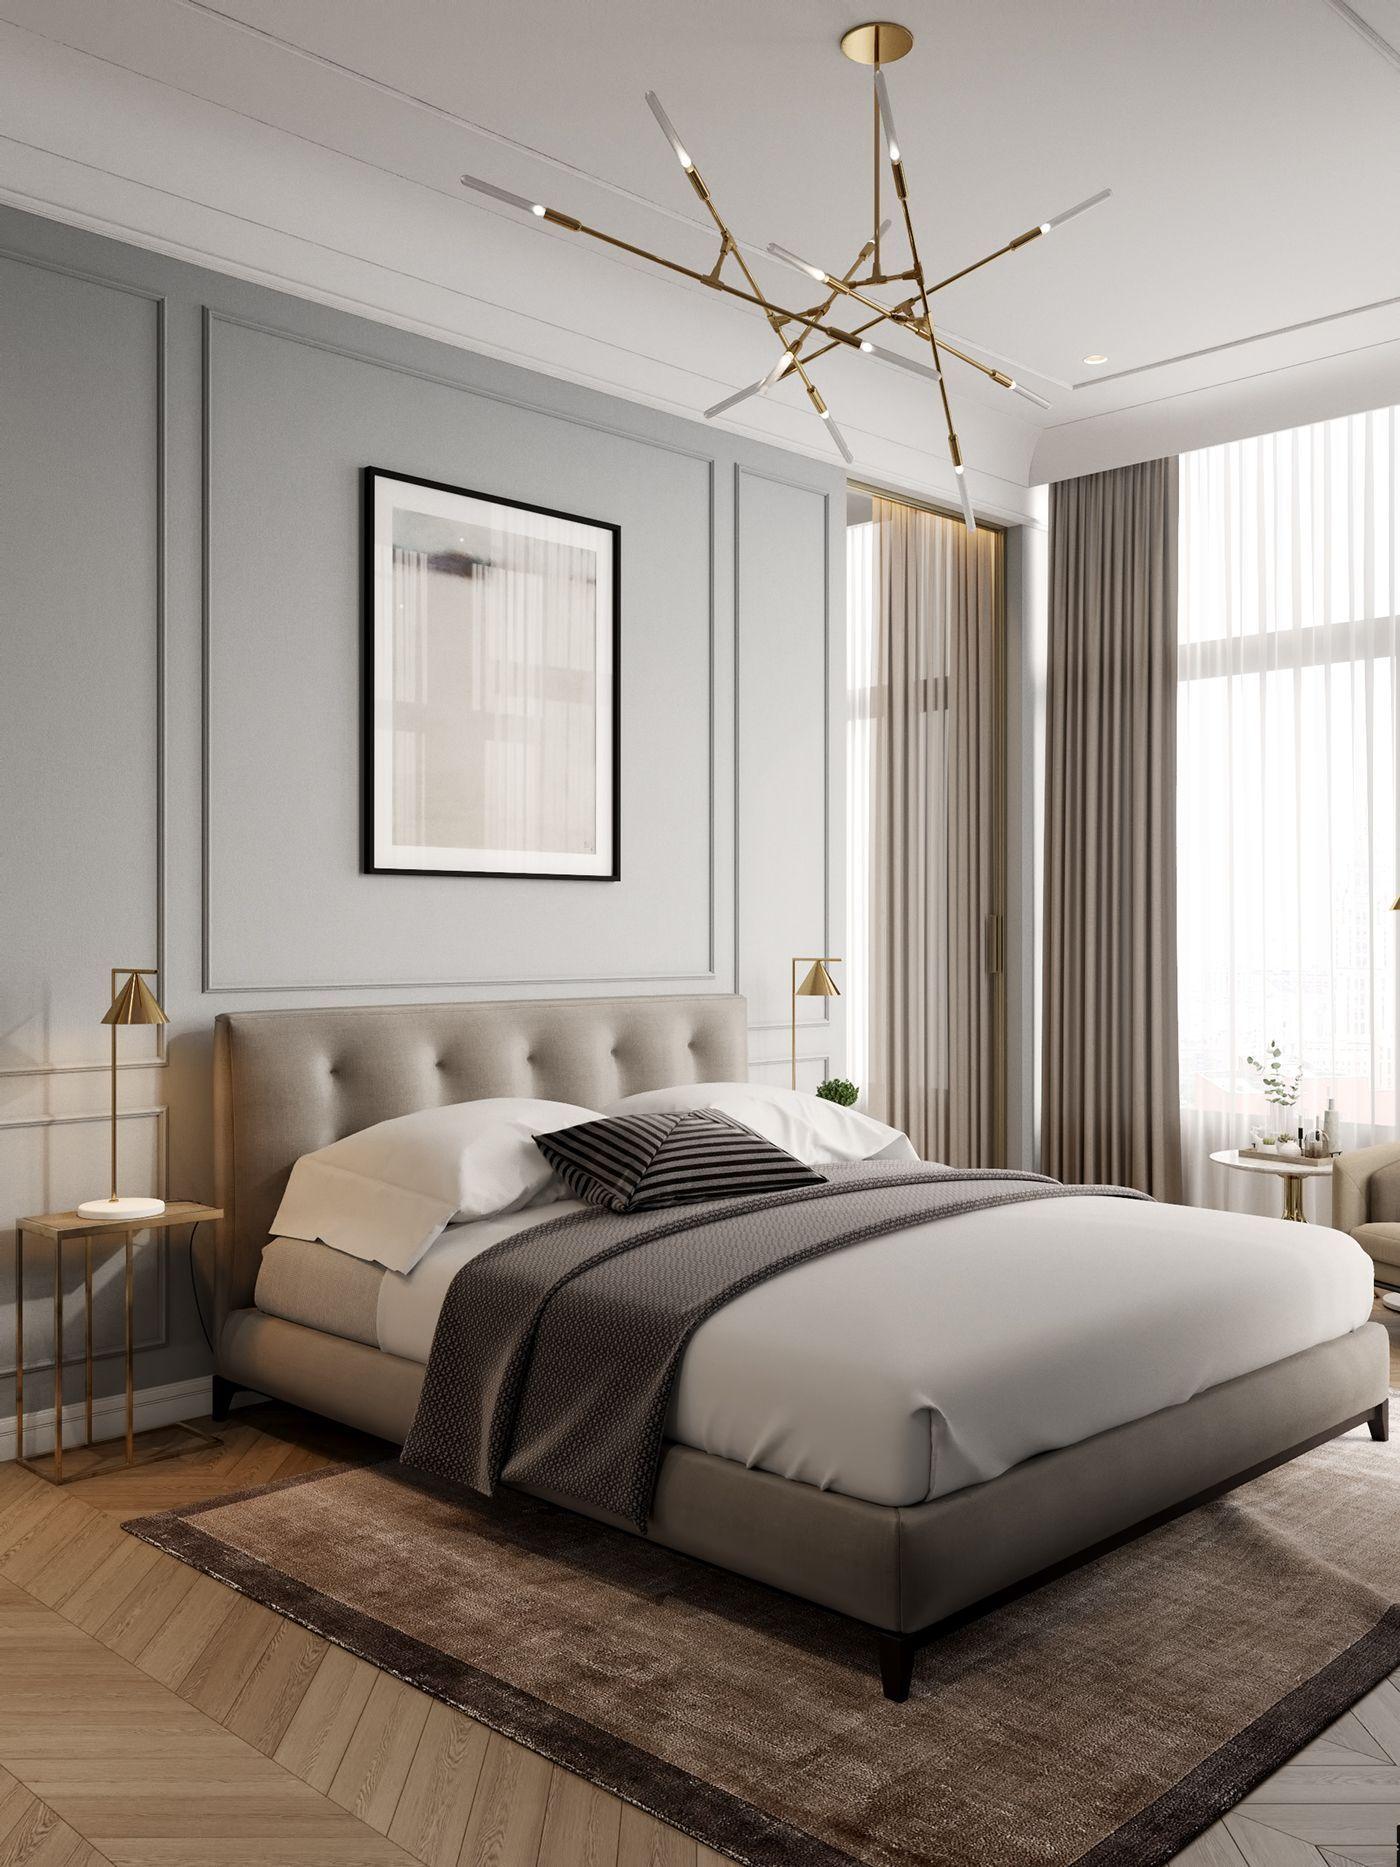 41 Amazing Contemporary Interior Design 2019